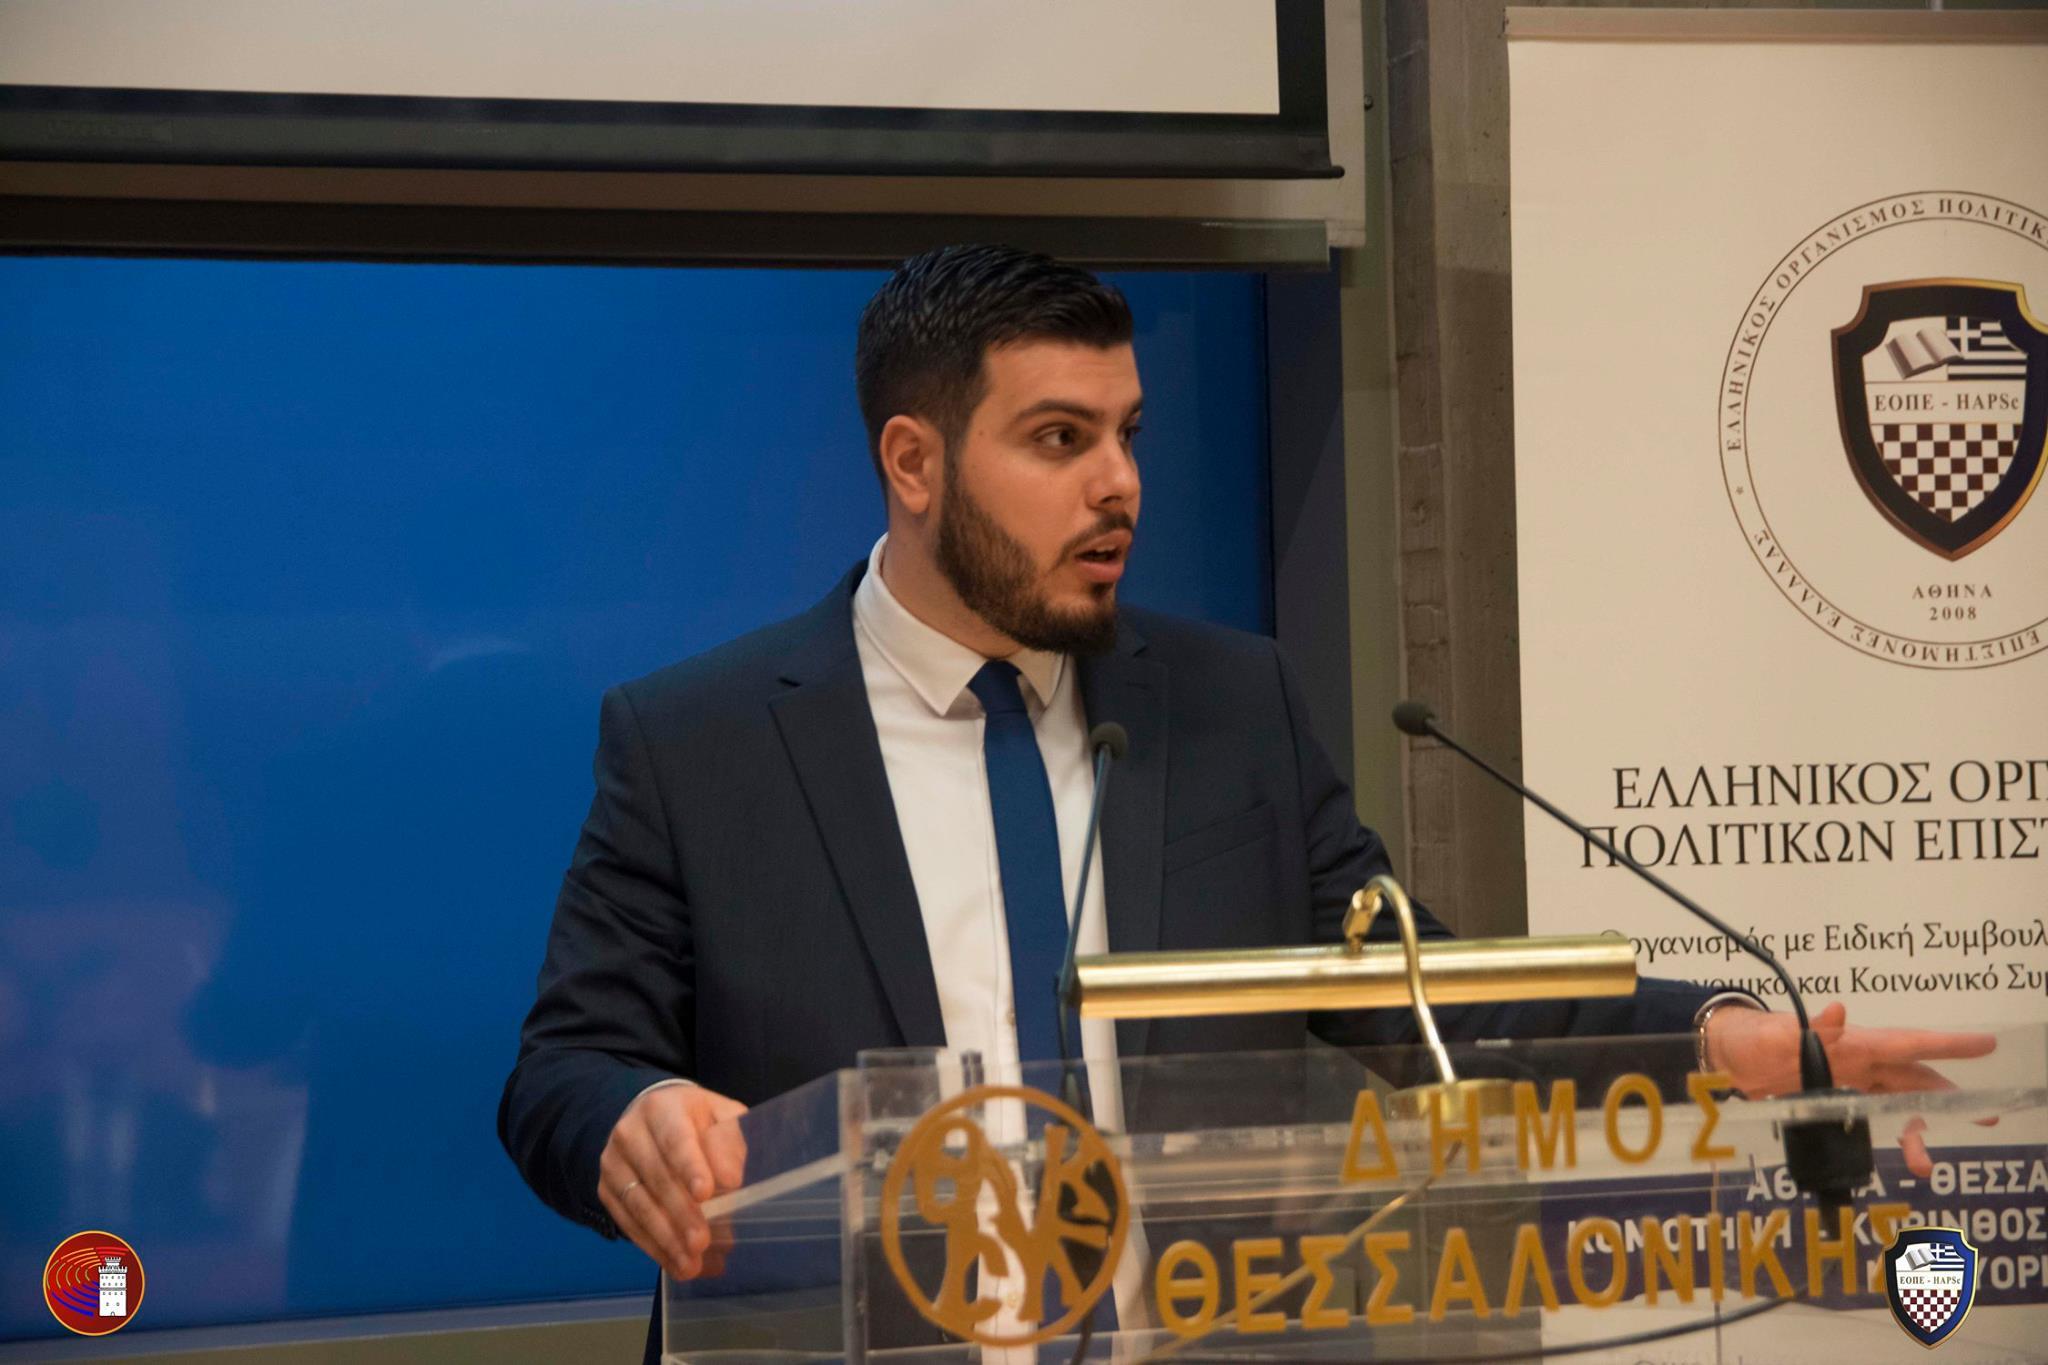 Dimitrios Kritas